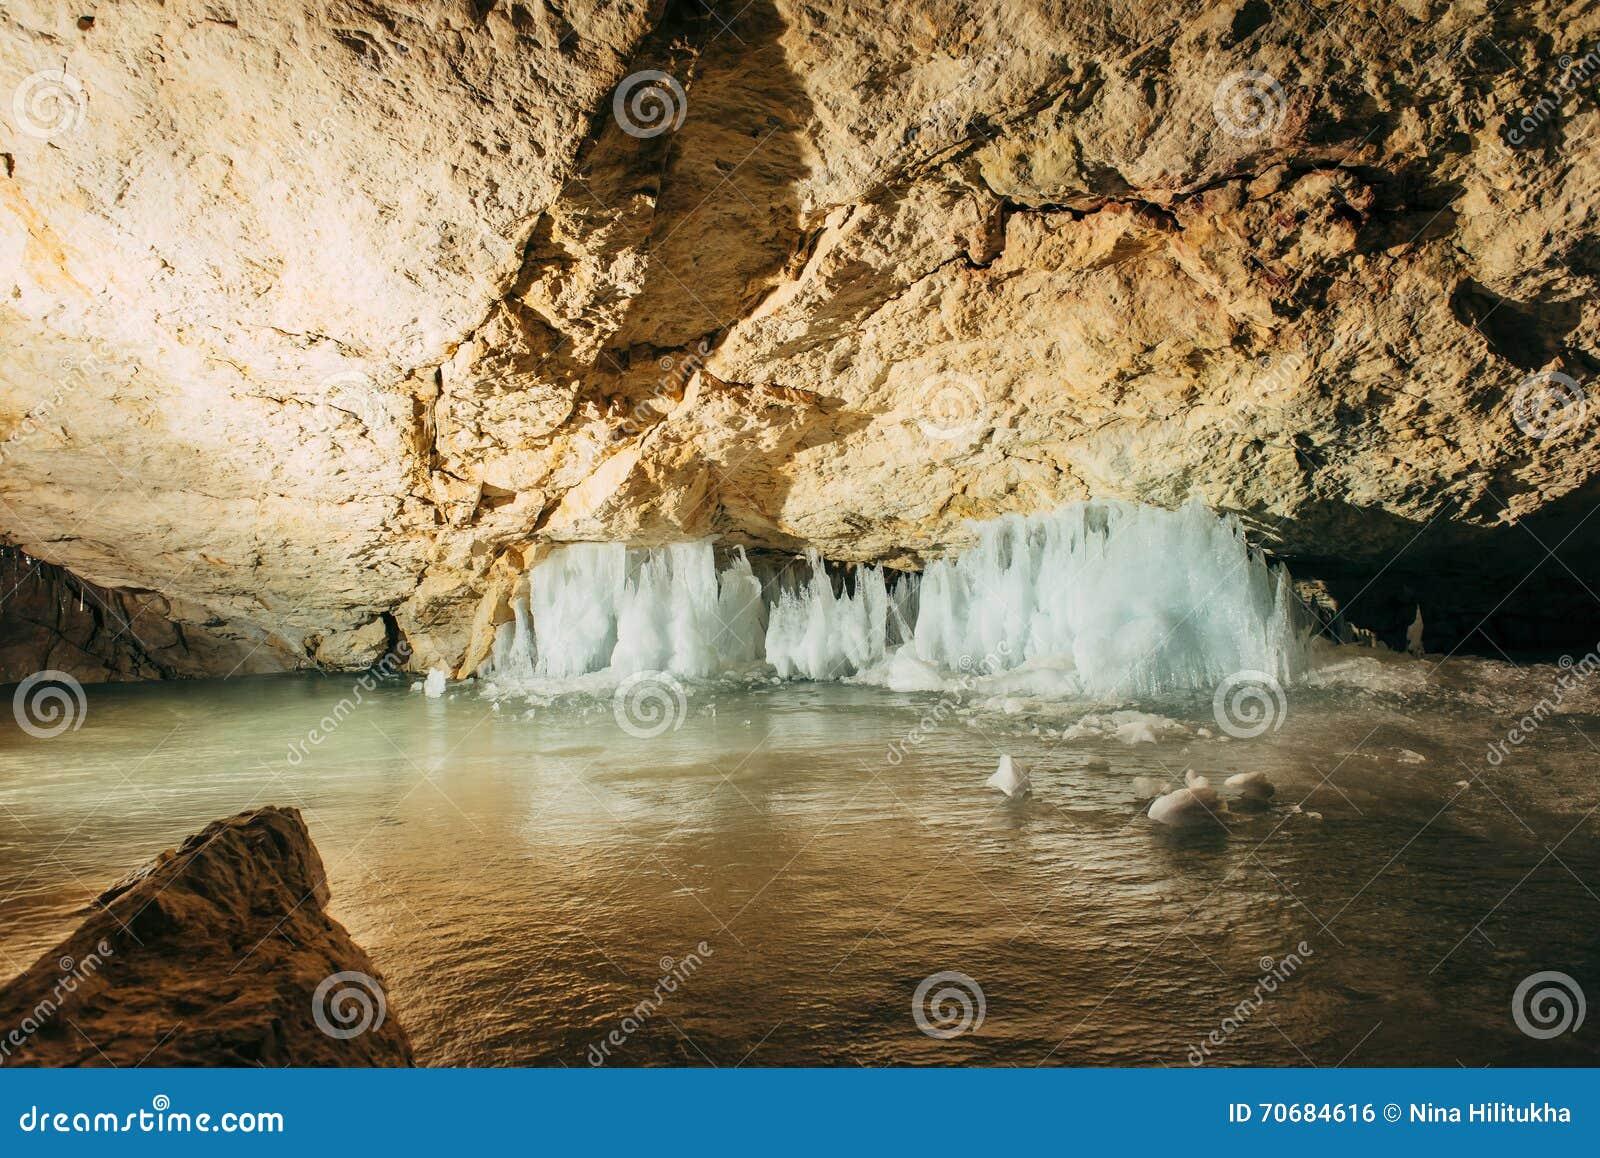 Interior of Dachstein ice cave